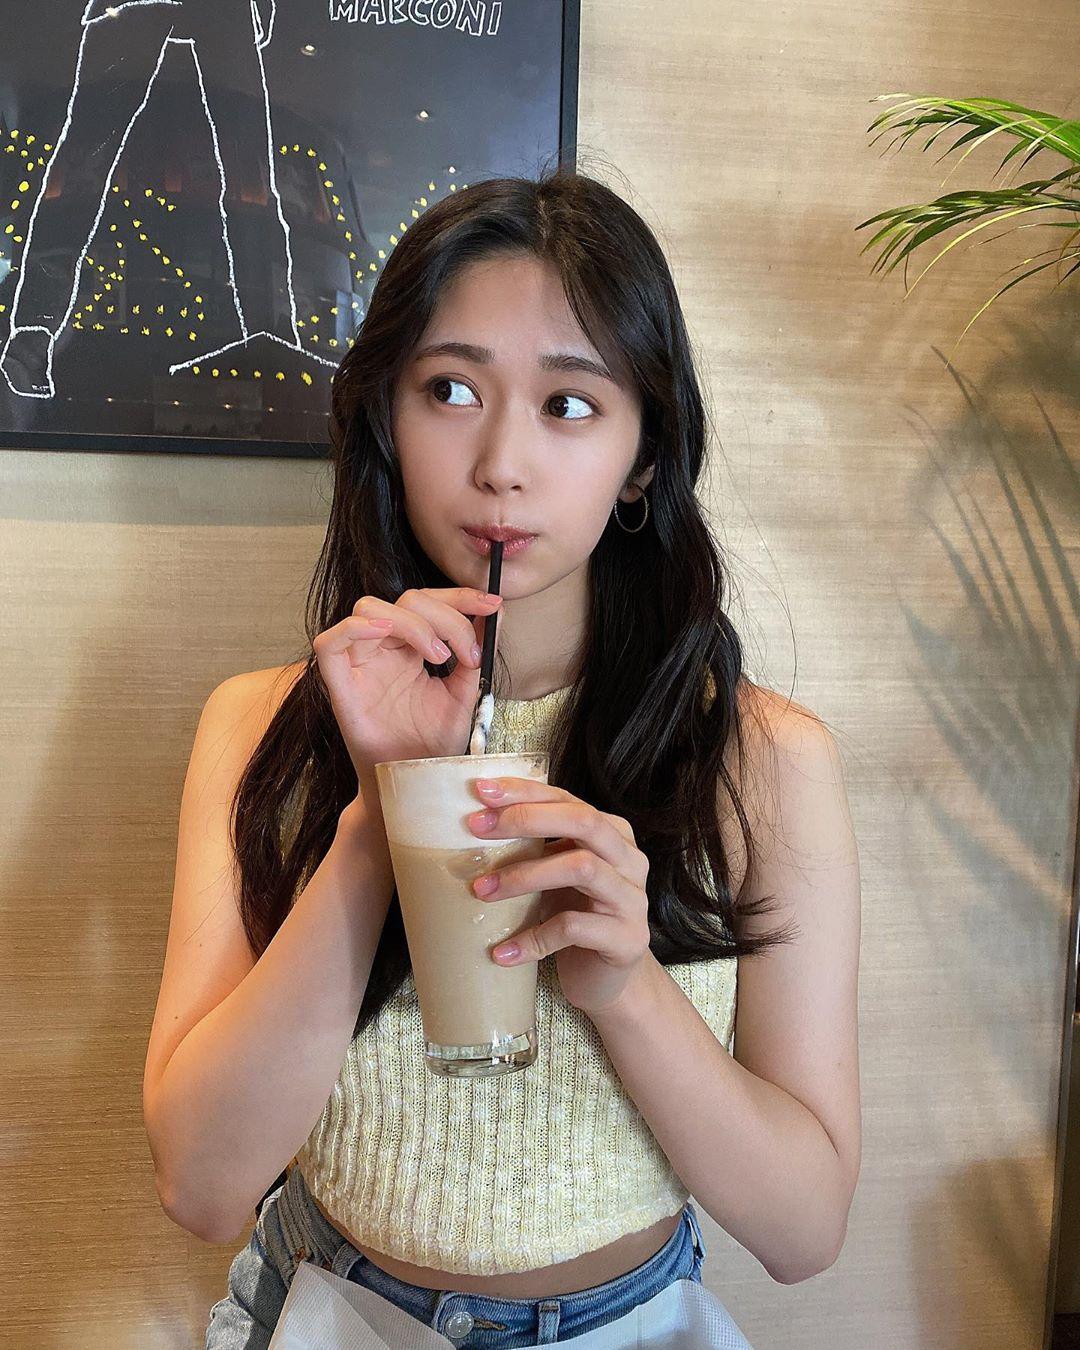 uCNZva - IG正妹—浅野杏奈 (Anna Asano)